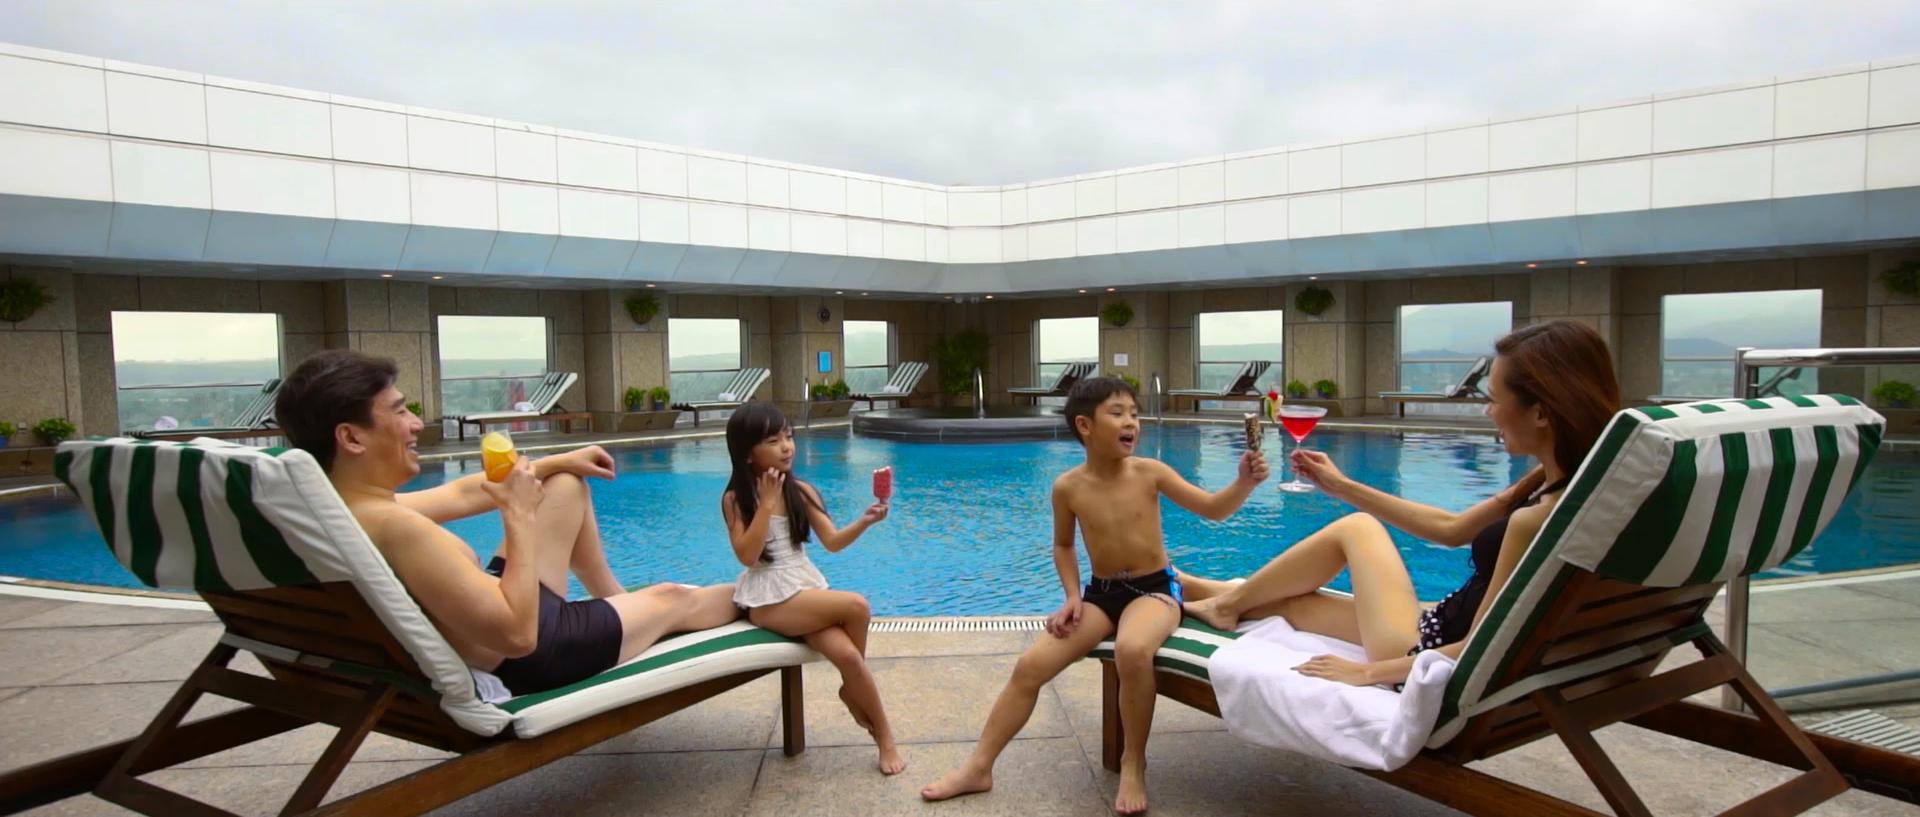 FUN暑假,香格里拉台北遠東推親子樂活遊